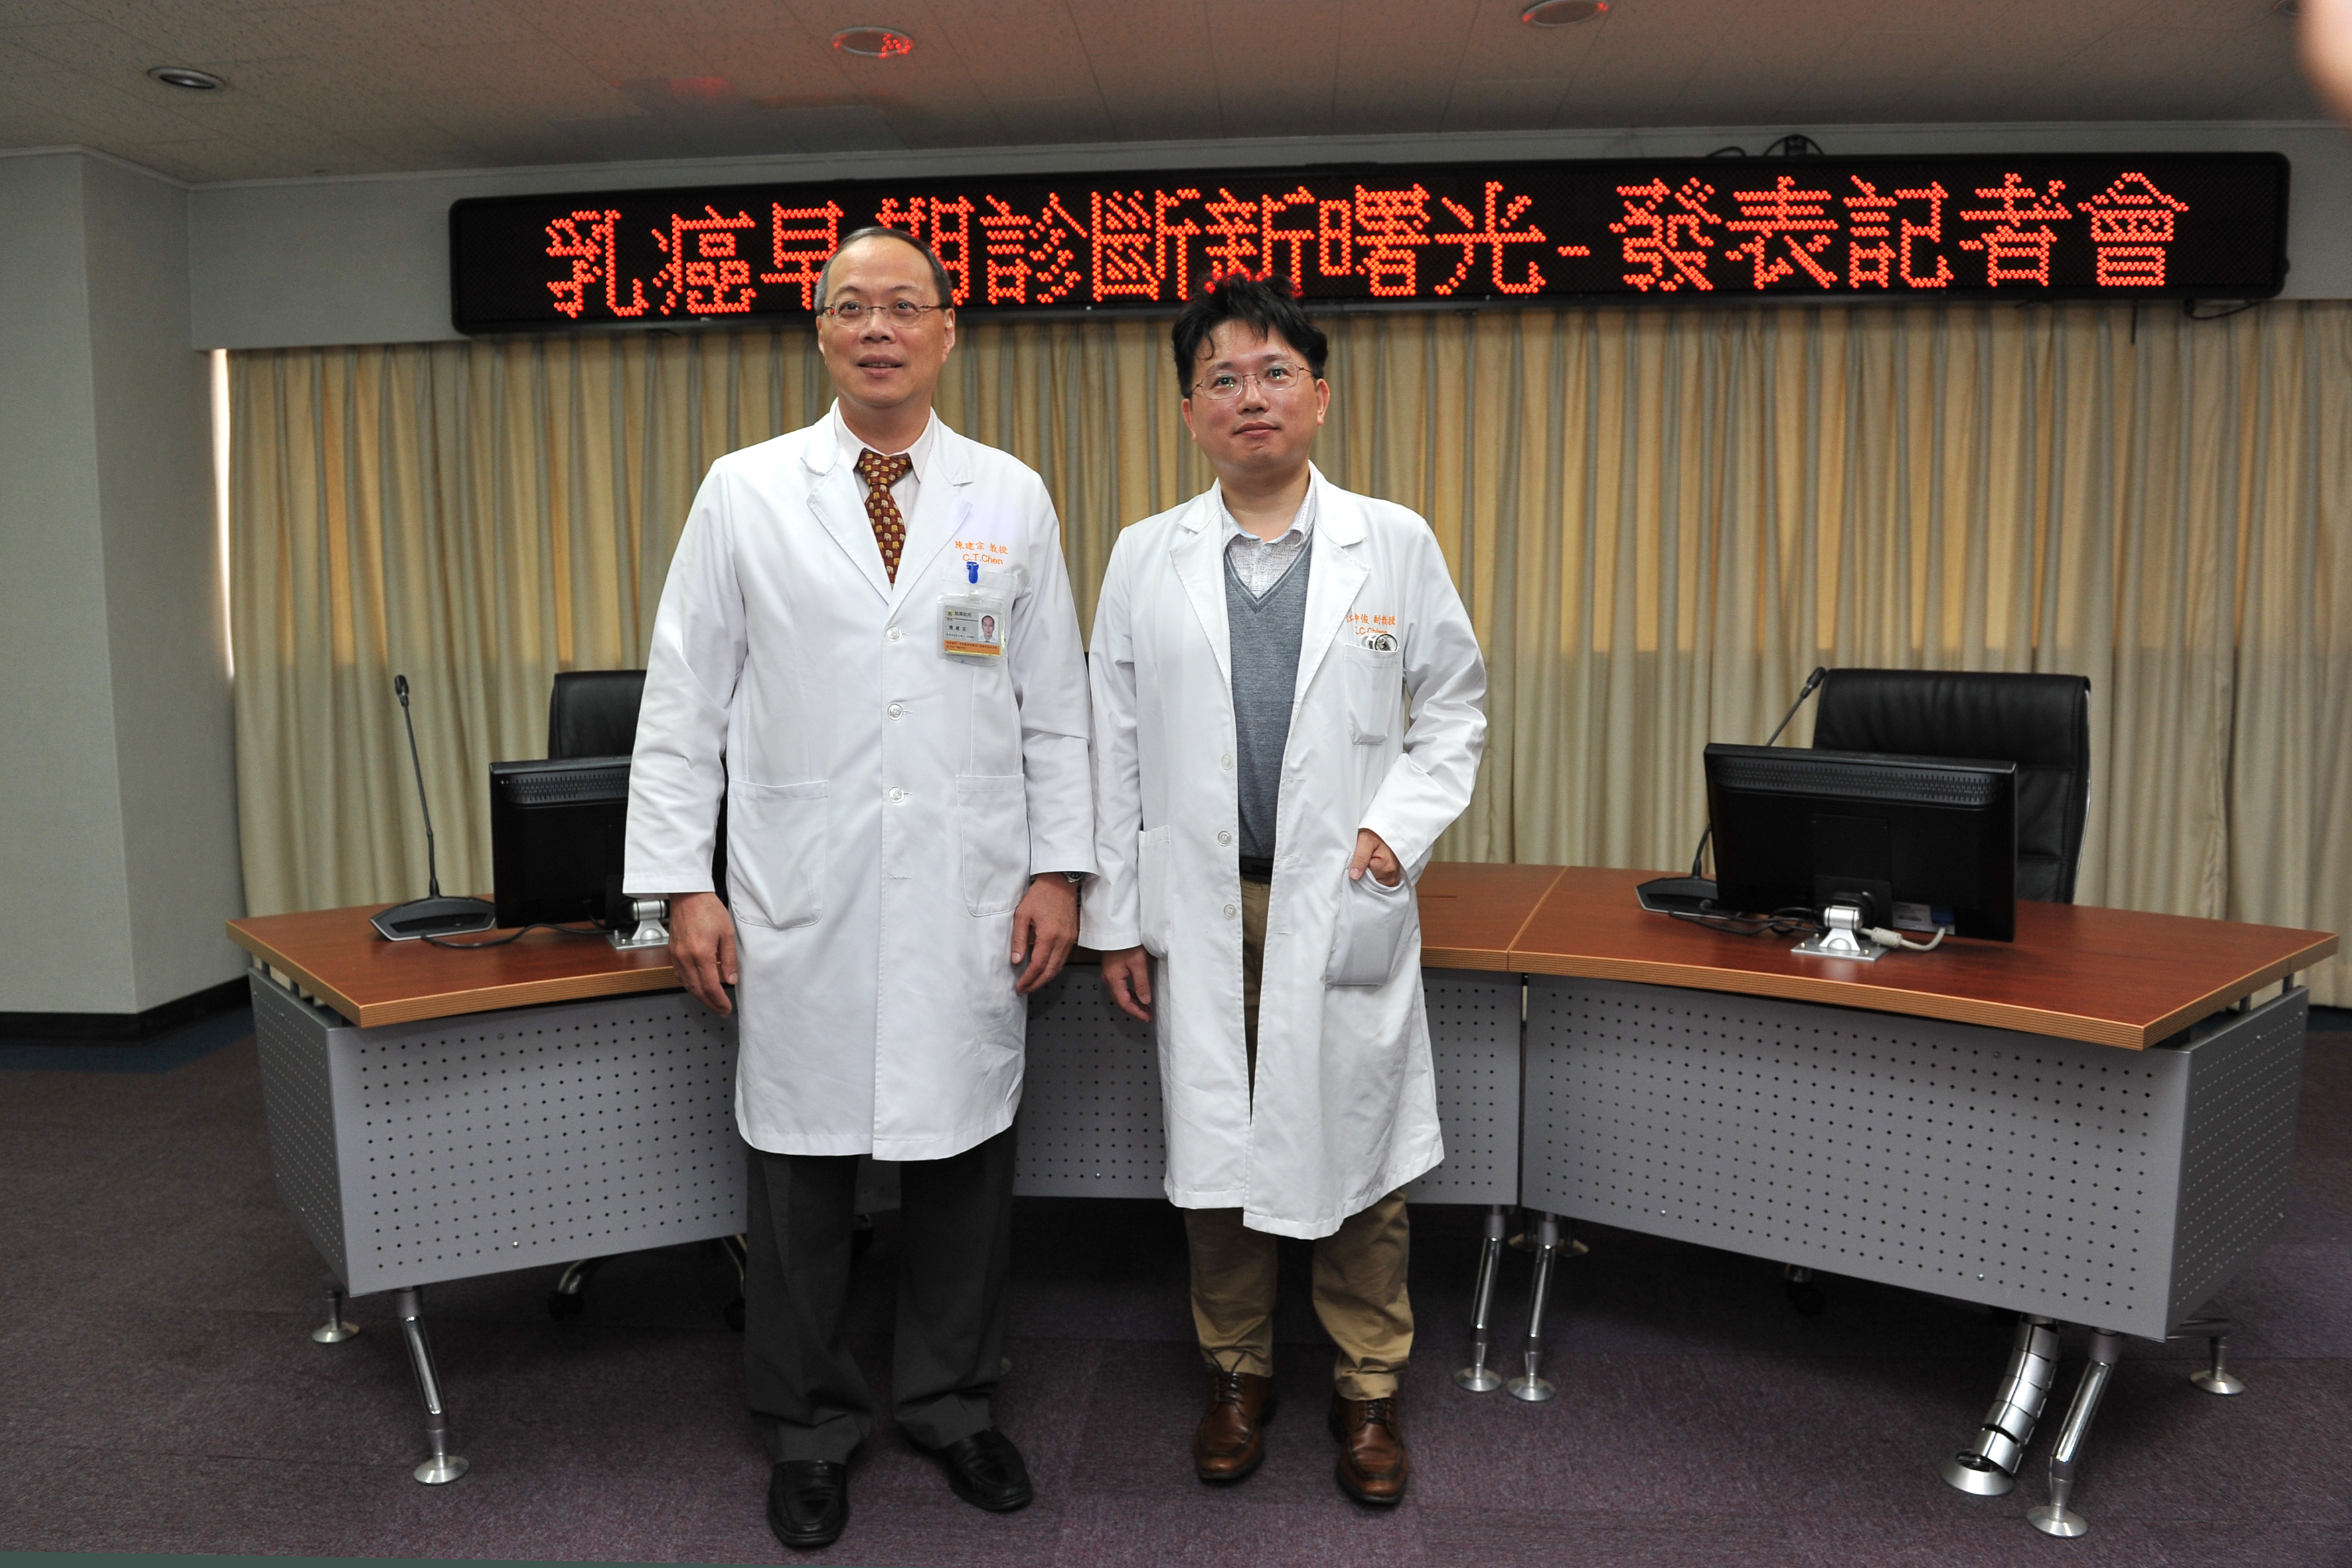 新知》檢測乳癌像測血糖! 醫師江坤俊發現新乳癌腫瘤指標